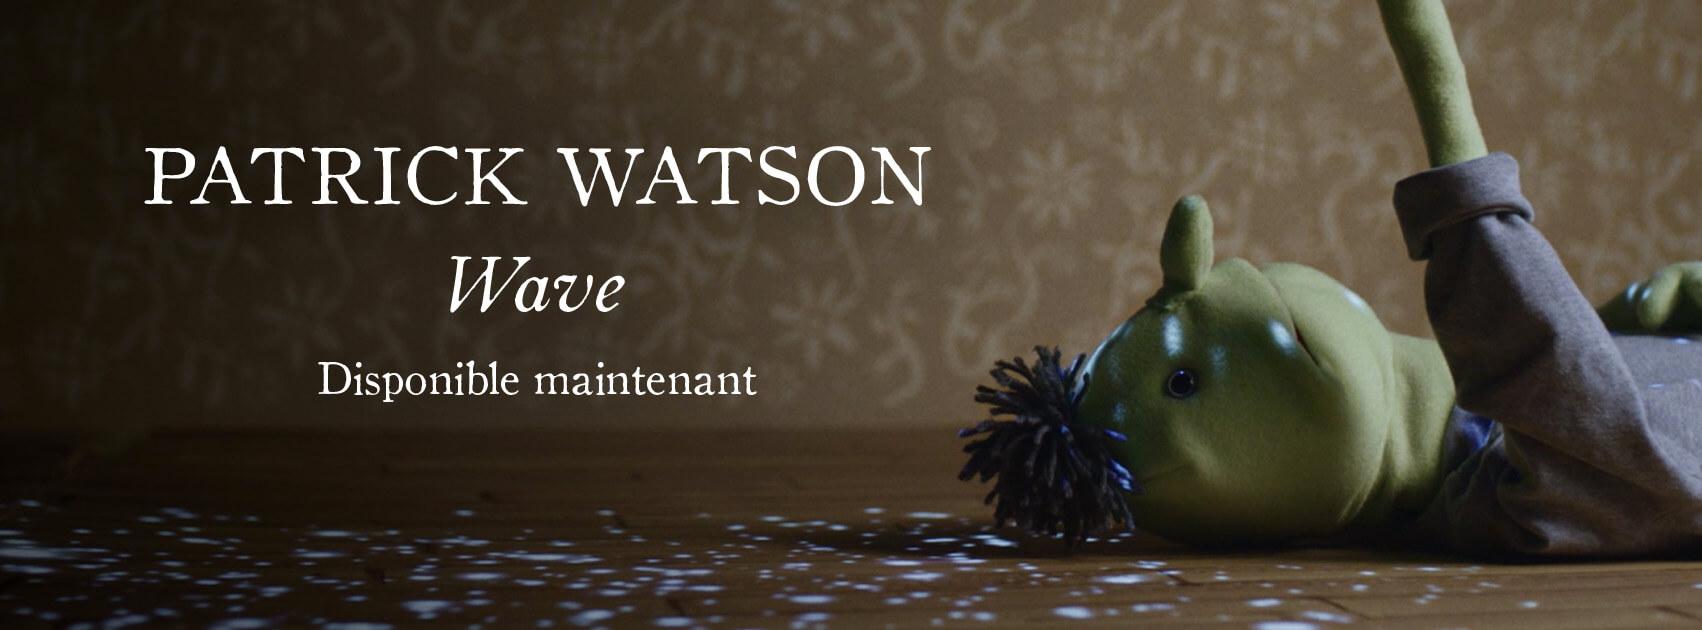 Patrick Watson Wave